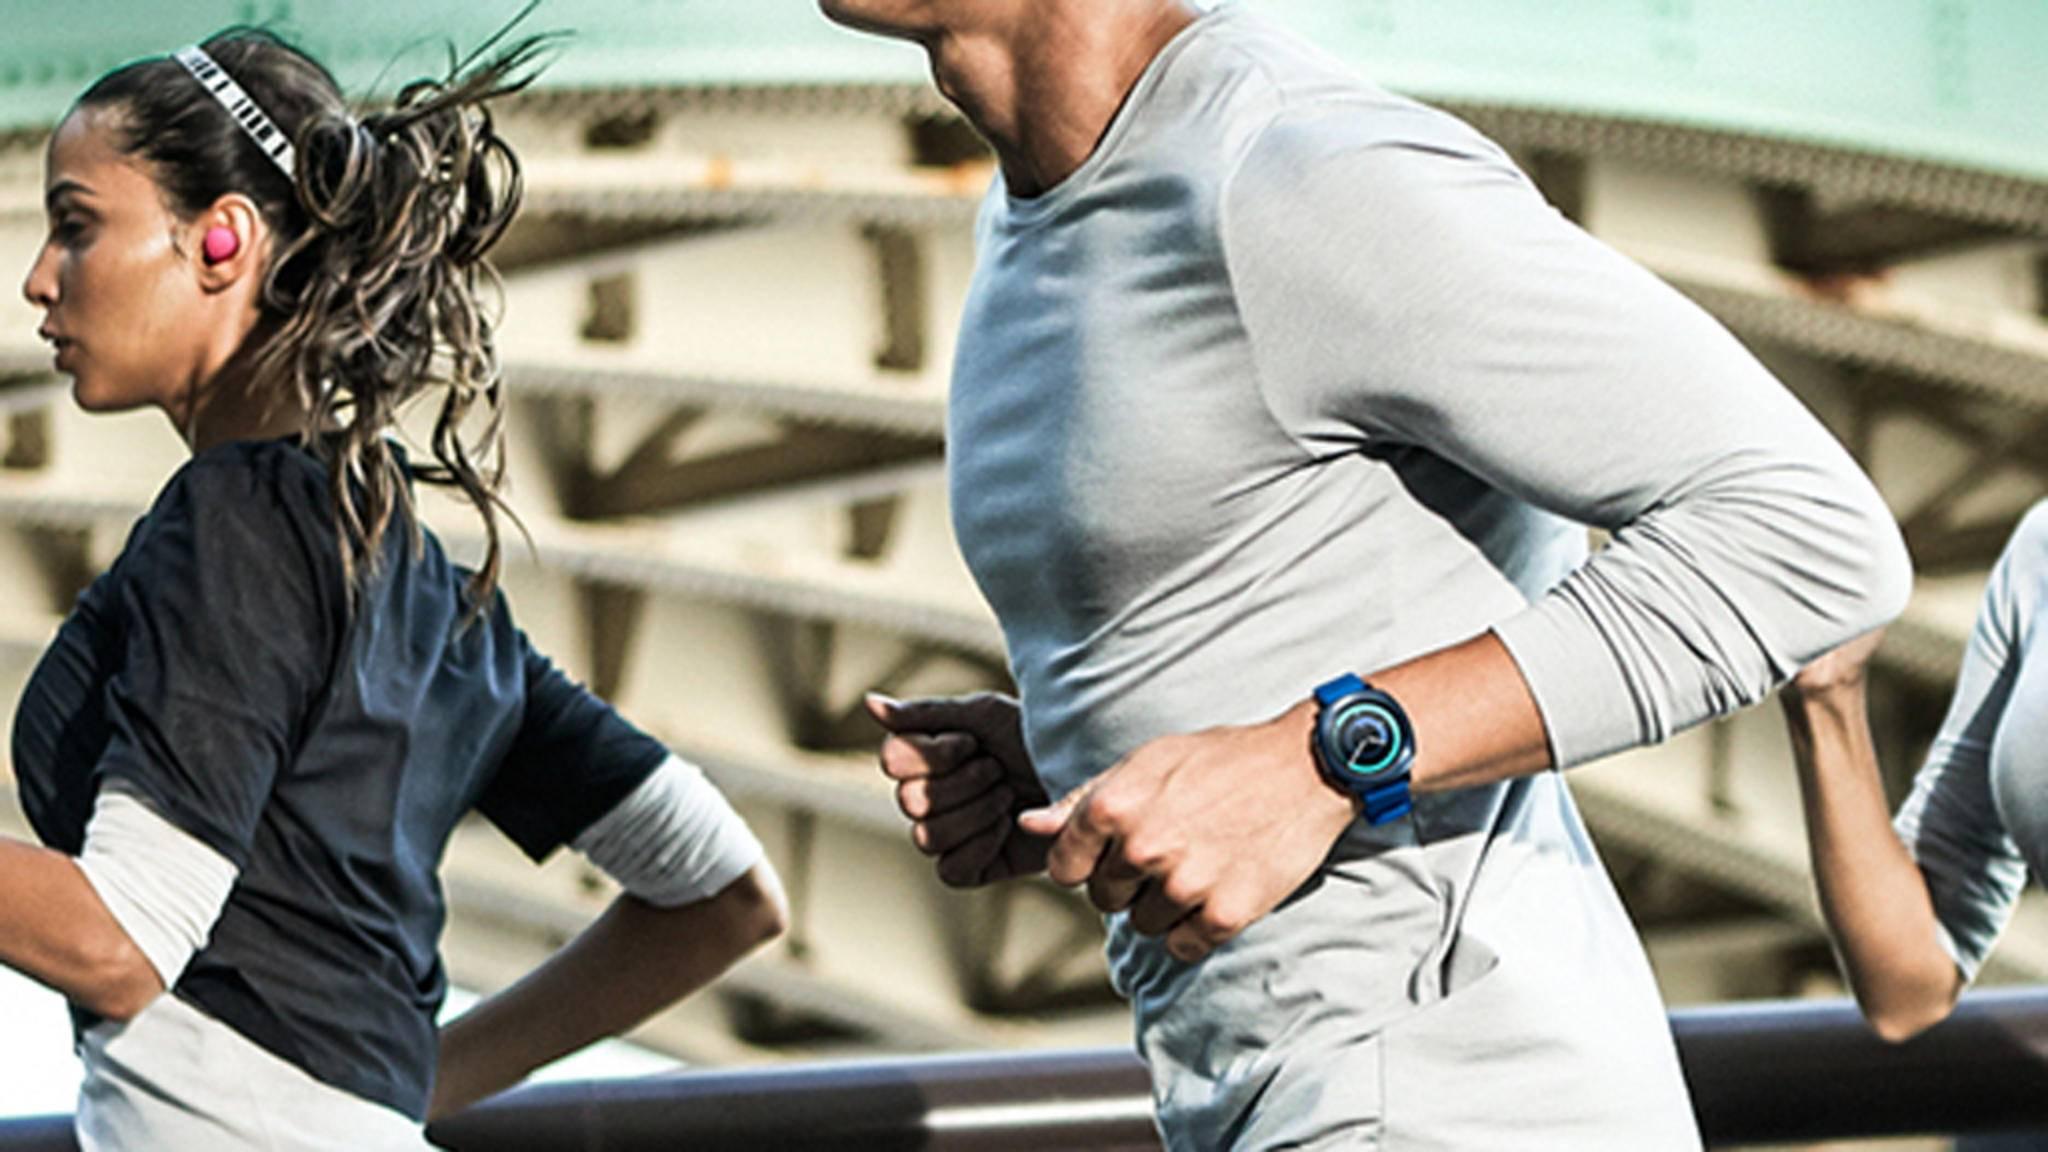 Unter anderem bringt das Software-Update der Samsung Gear Sport eine verbesserte Lesbarkeit der Daten während des Workouts.